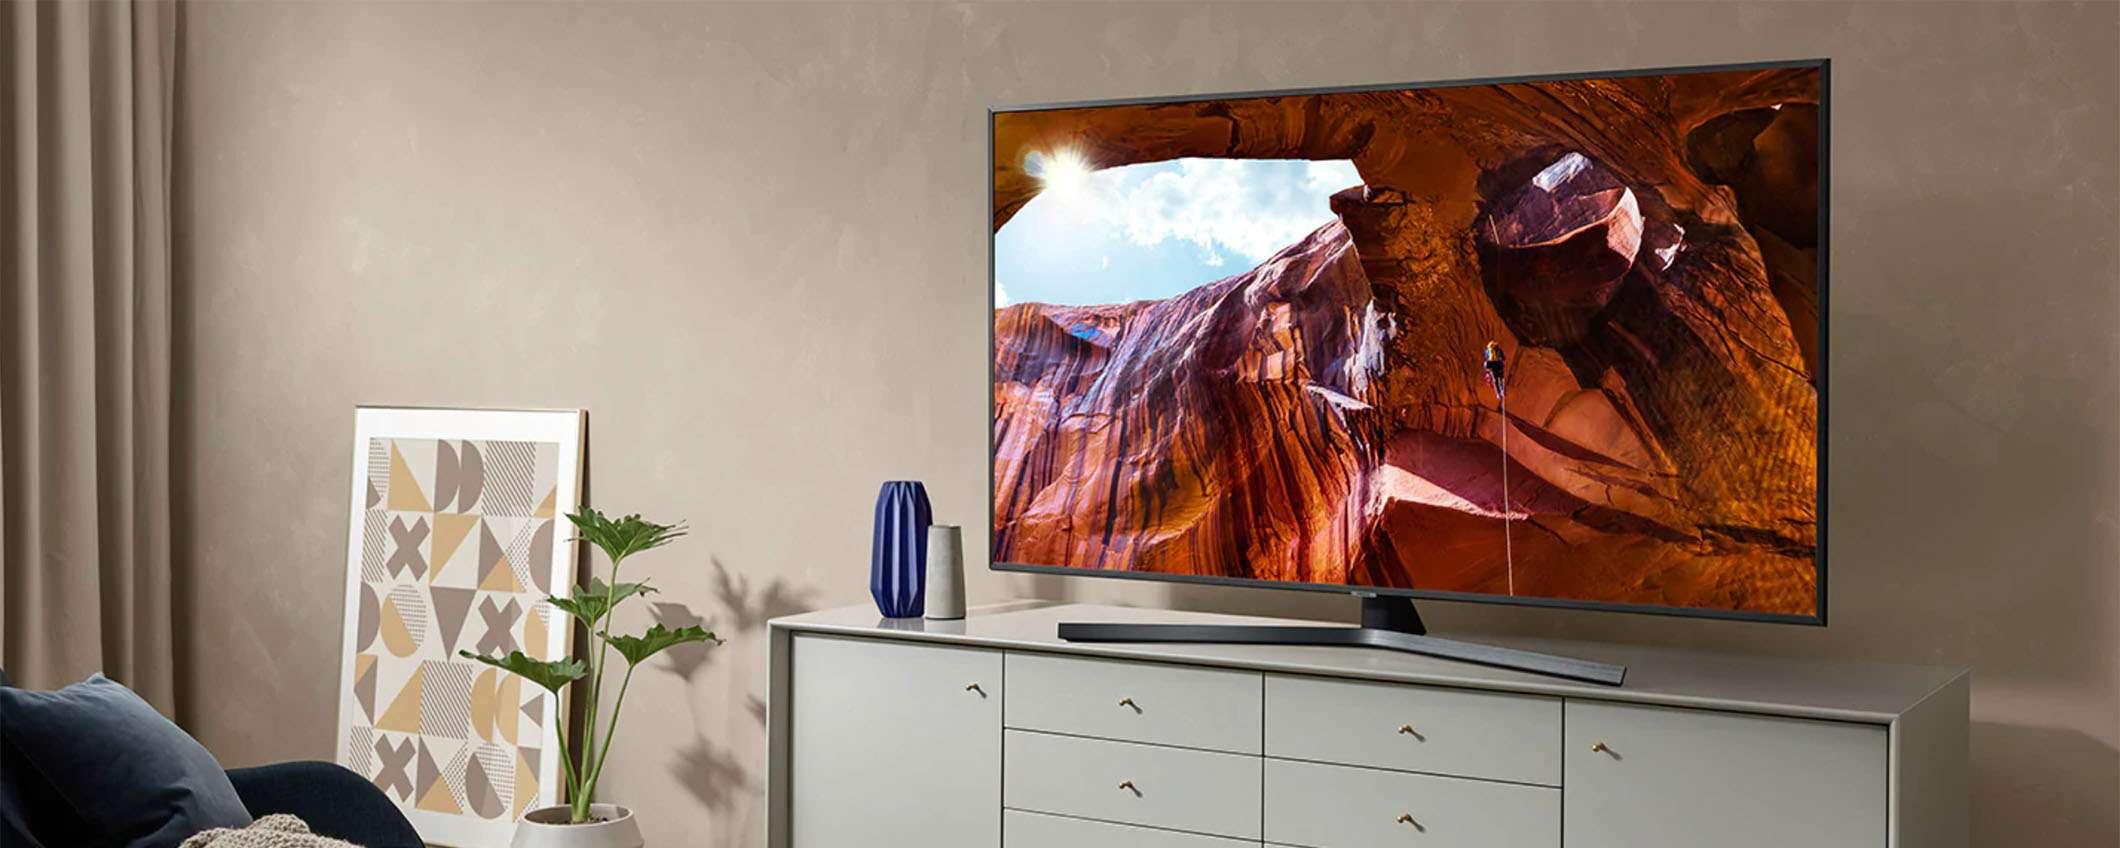 smart tv samsung offerta amazon